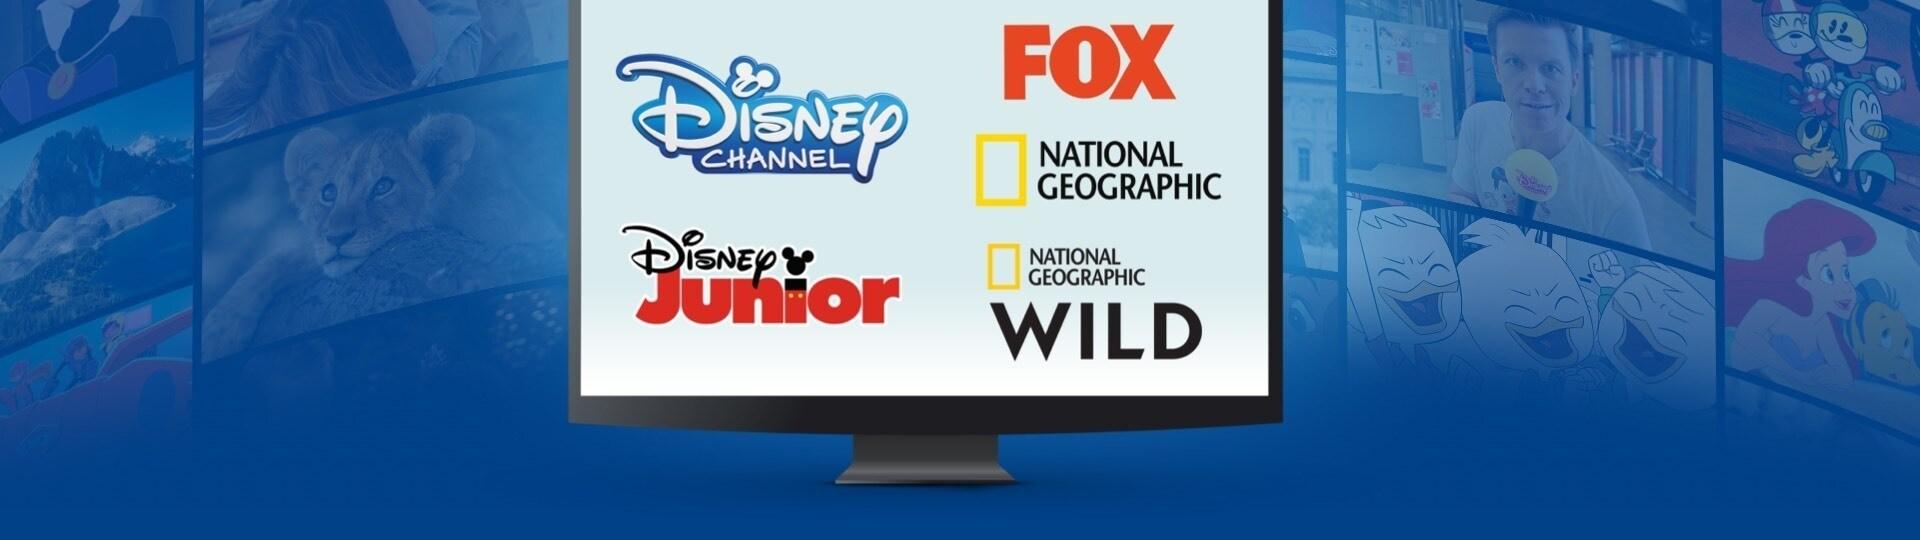 Logos von Disney Channel, Disney Junior, Fox, National Geographic und National Geographic Wild auf einem Bildschirm, Szenen von Disney-Shows im Hintergrund